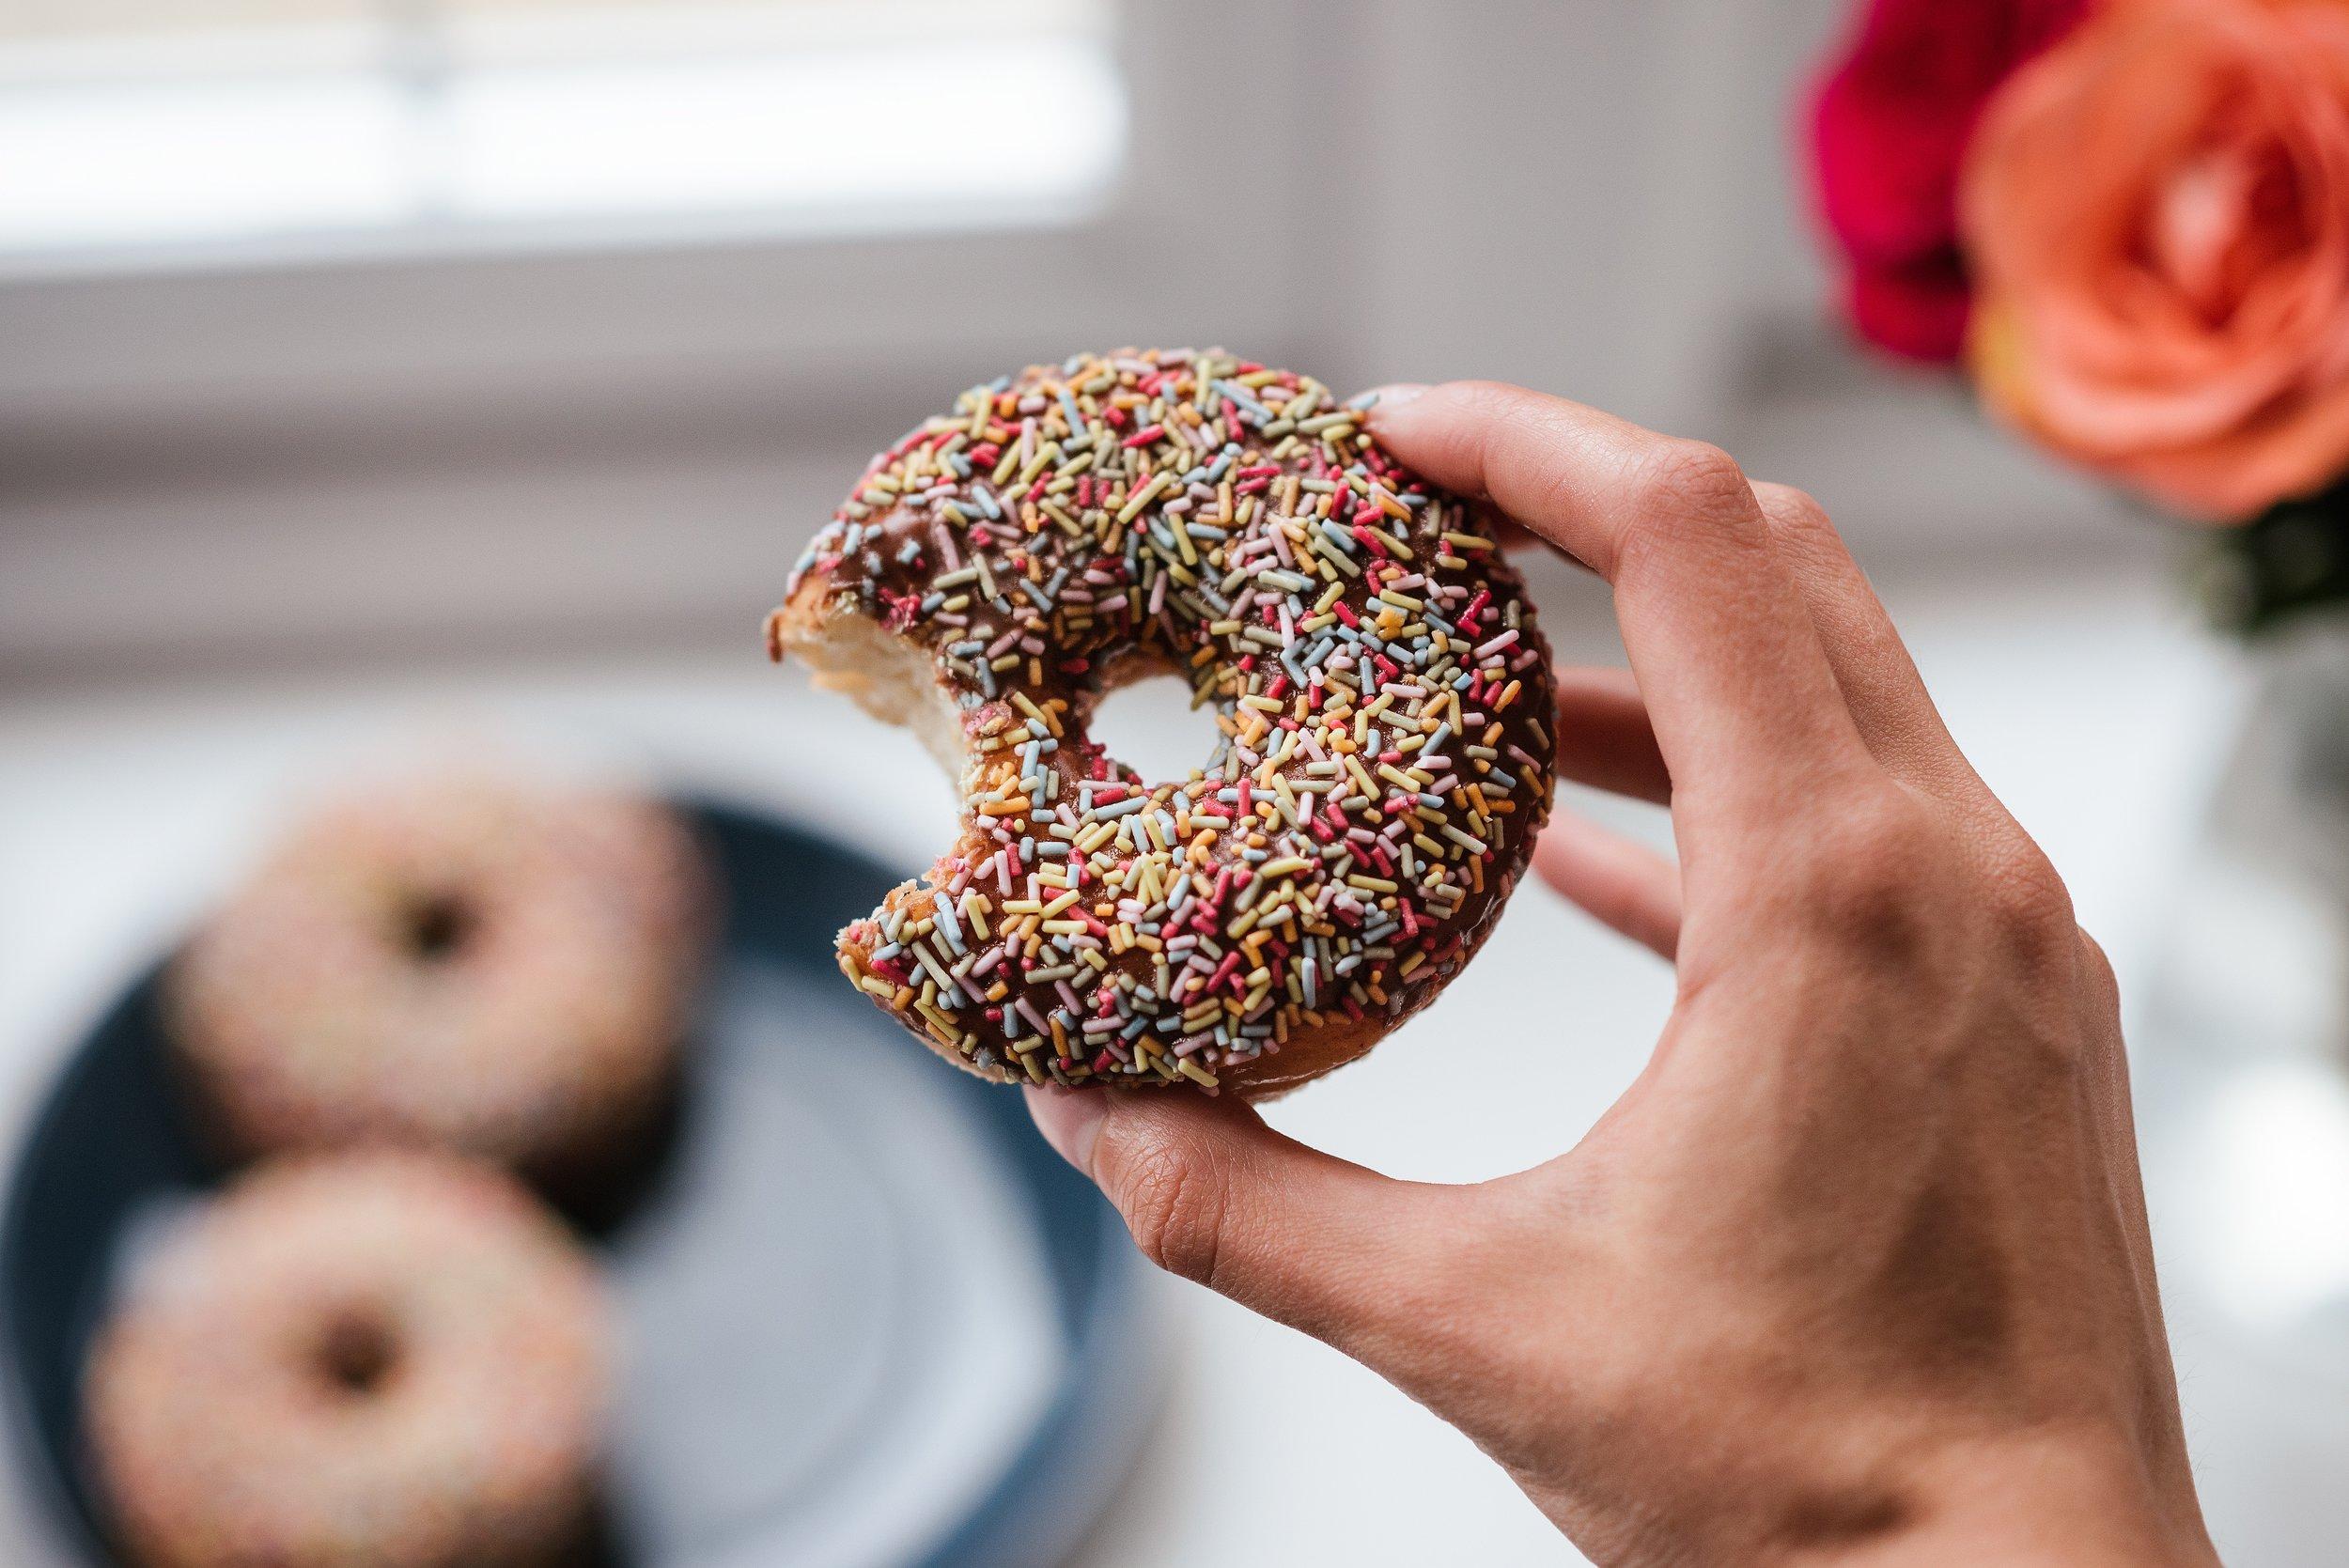 Donut for breakfast